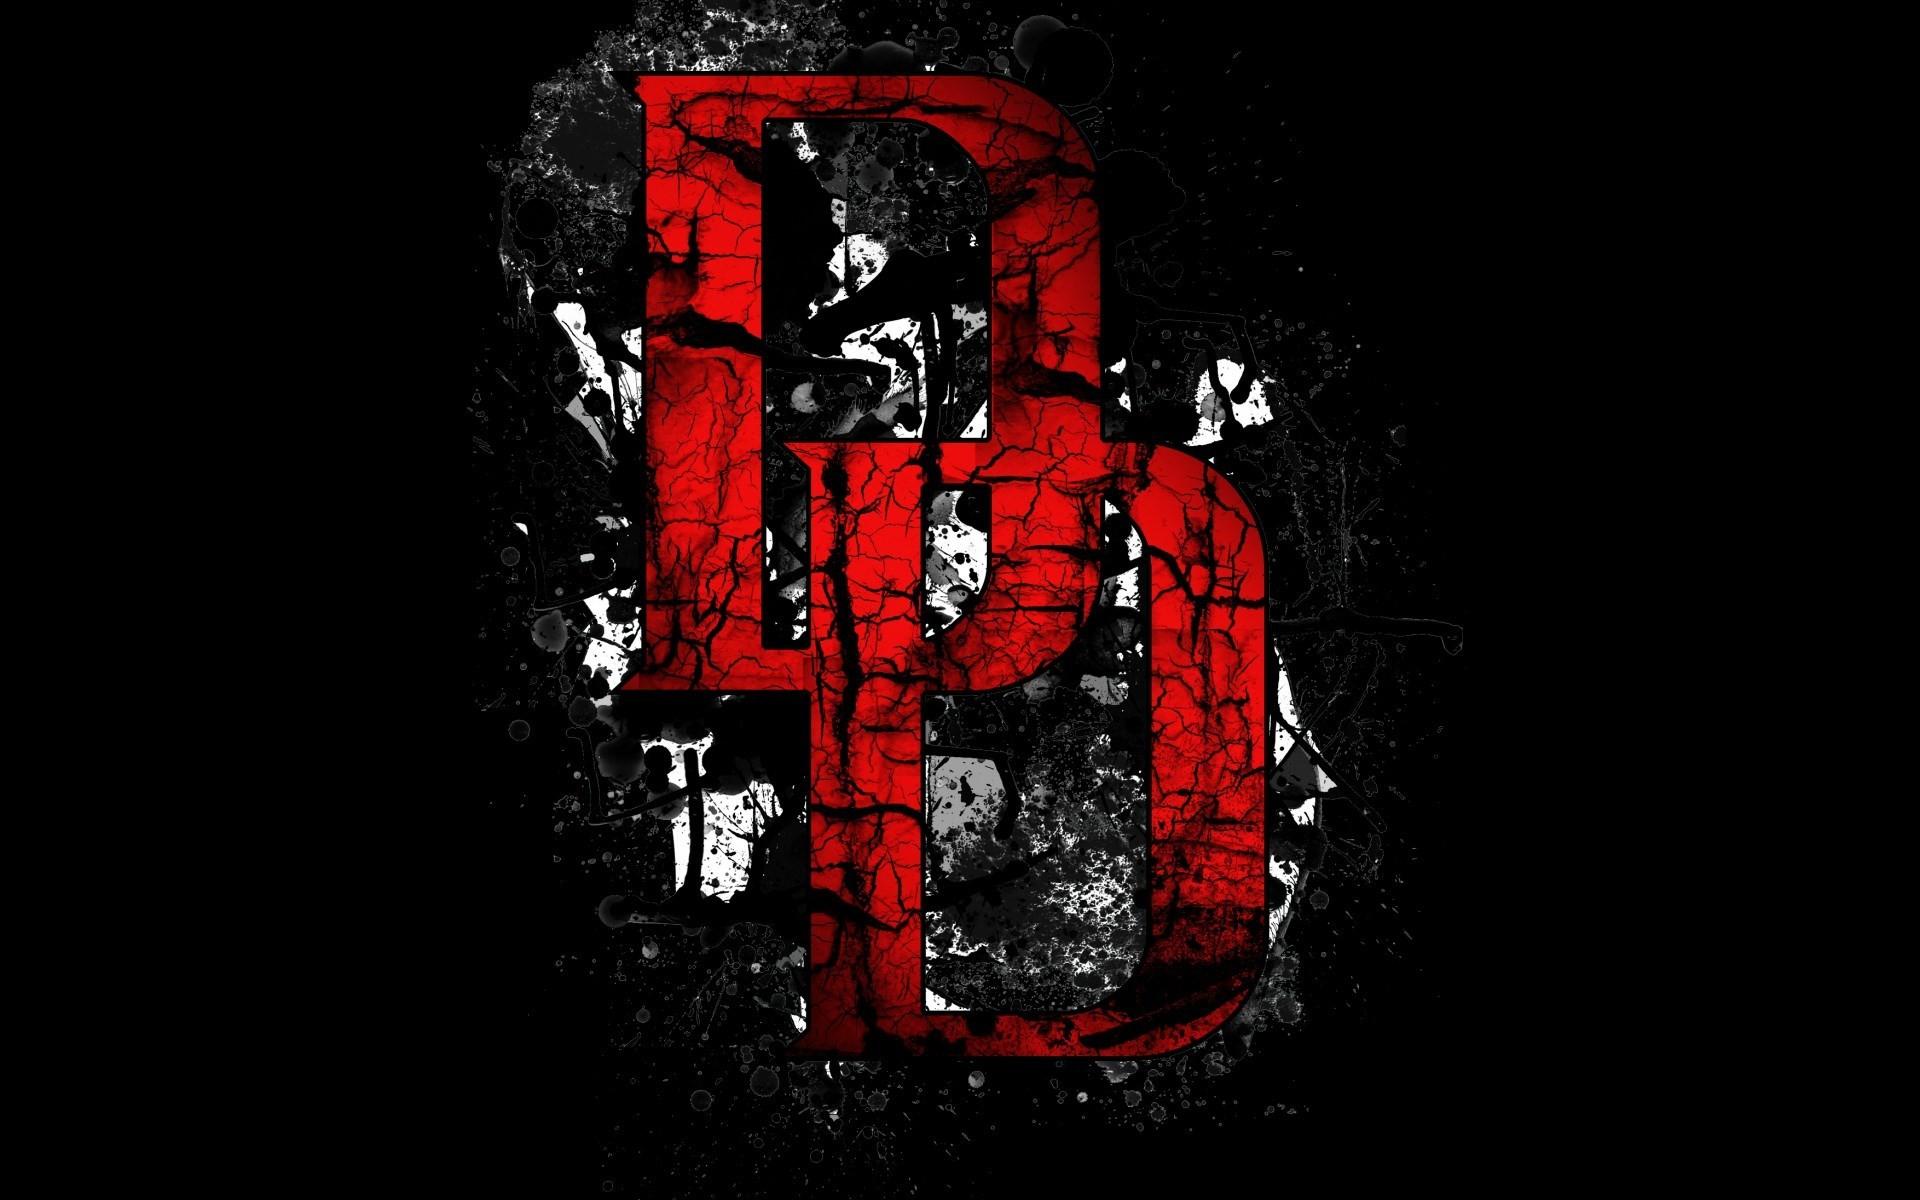 Comics Daredevil Wallpaper   Daredevil   Pinterest   Daredevil and Comic